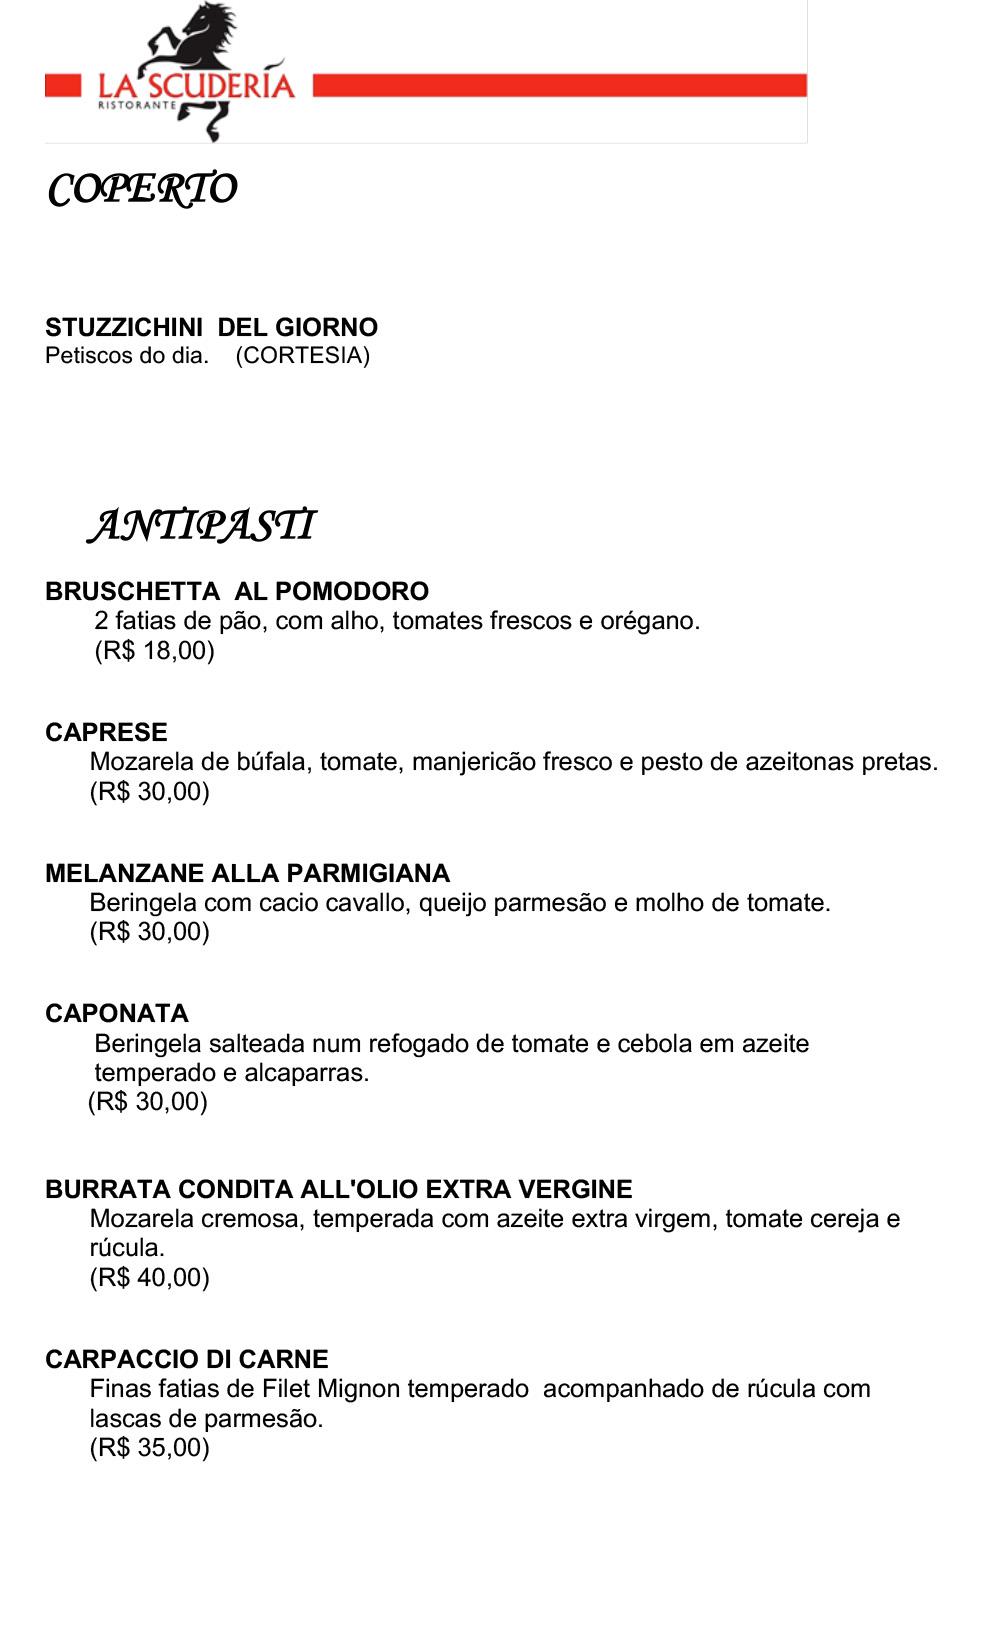 menu-lascuderia-1.jpg